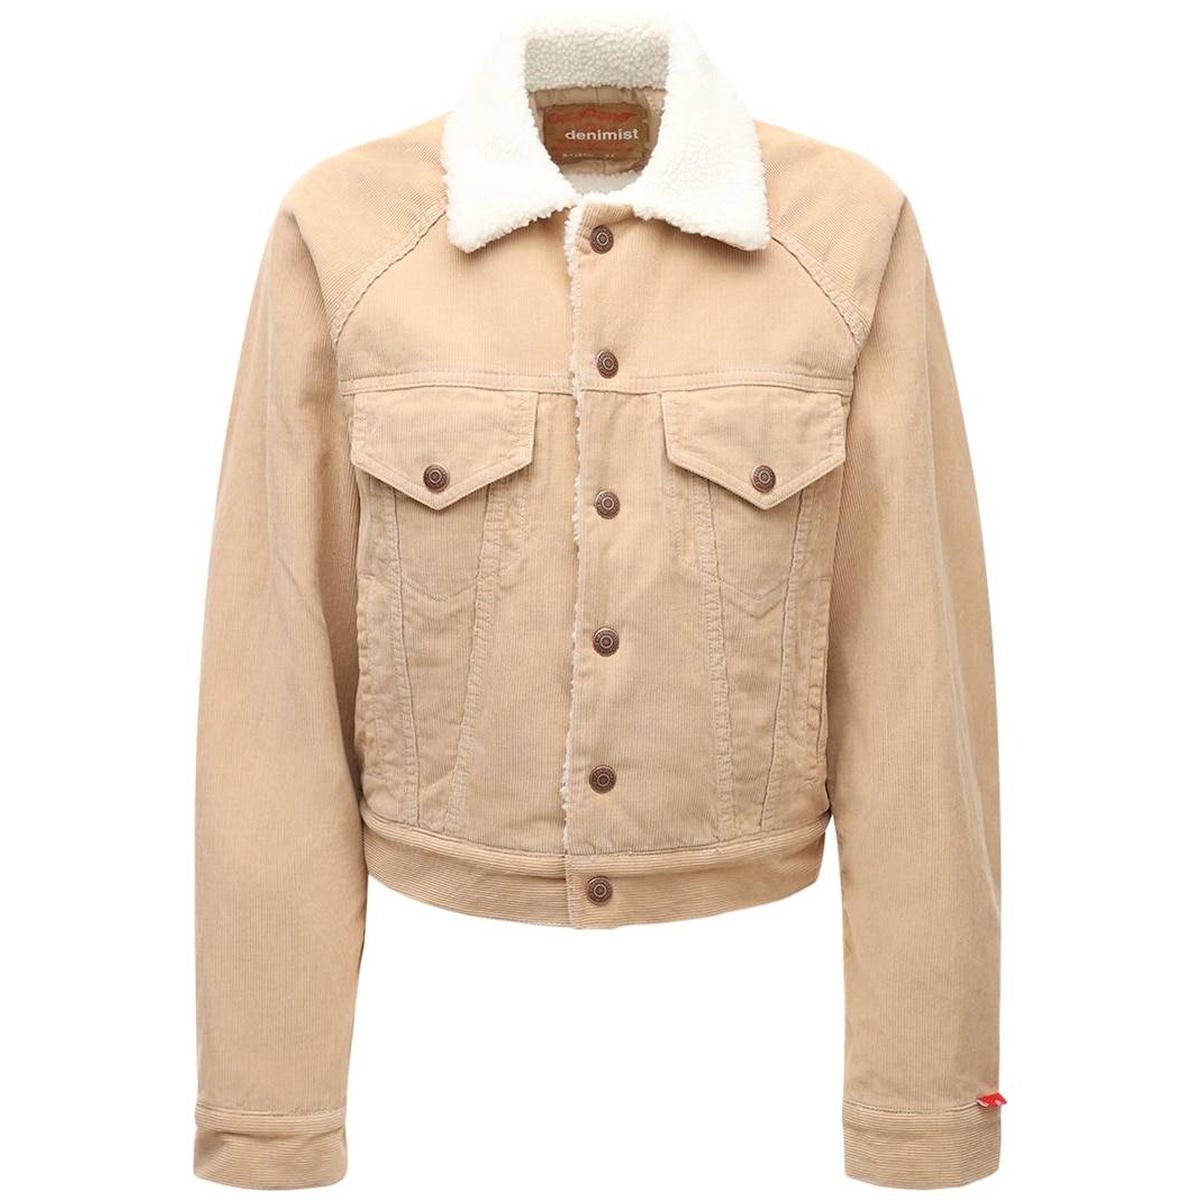 代购Denimist 牛仔人造剪羊毛夹克短外套2021新款奢侈品短款外套